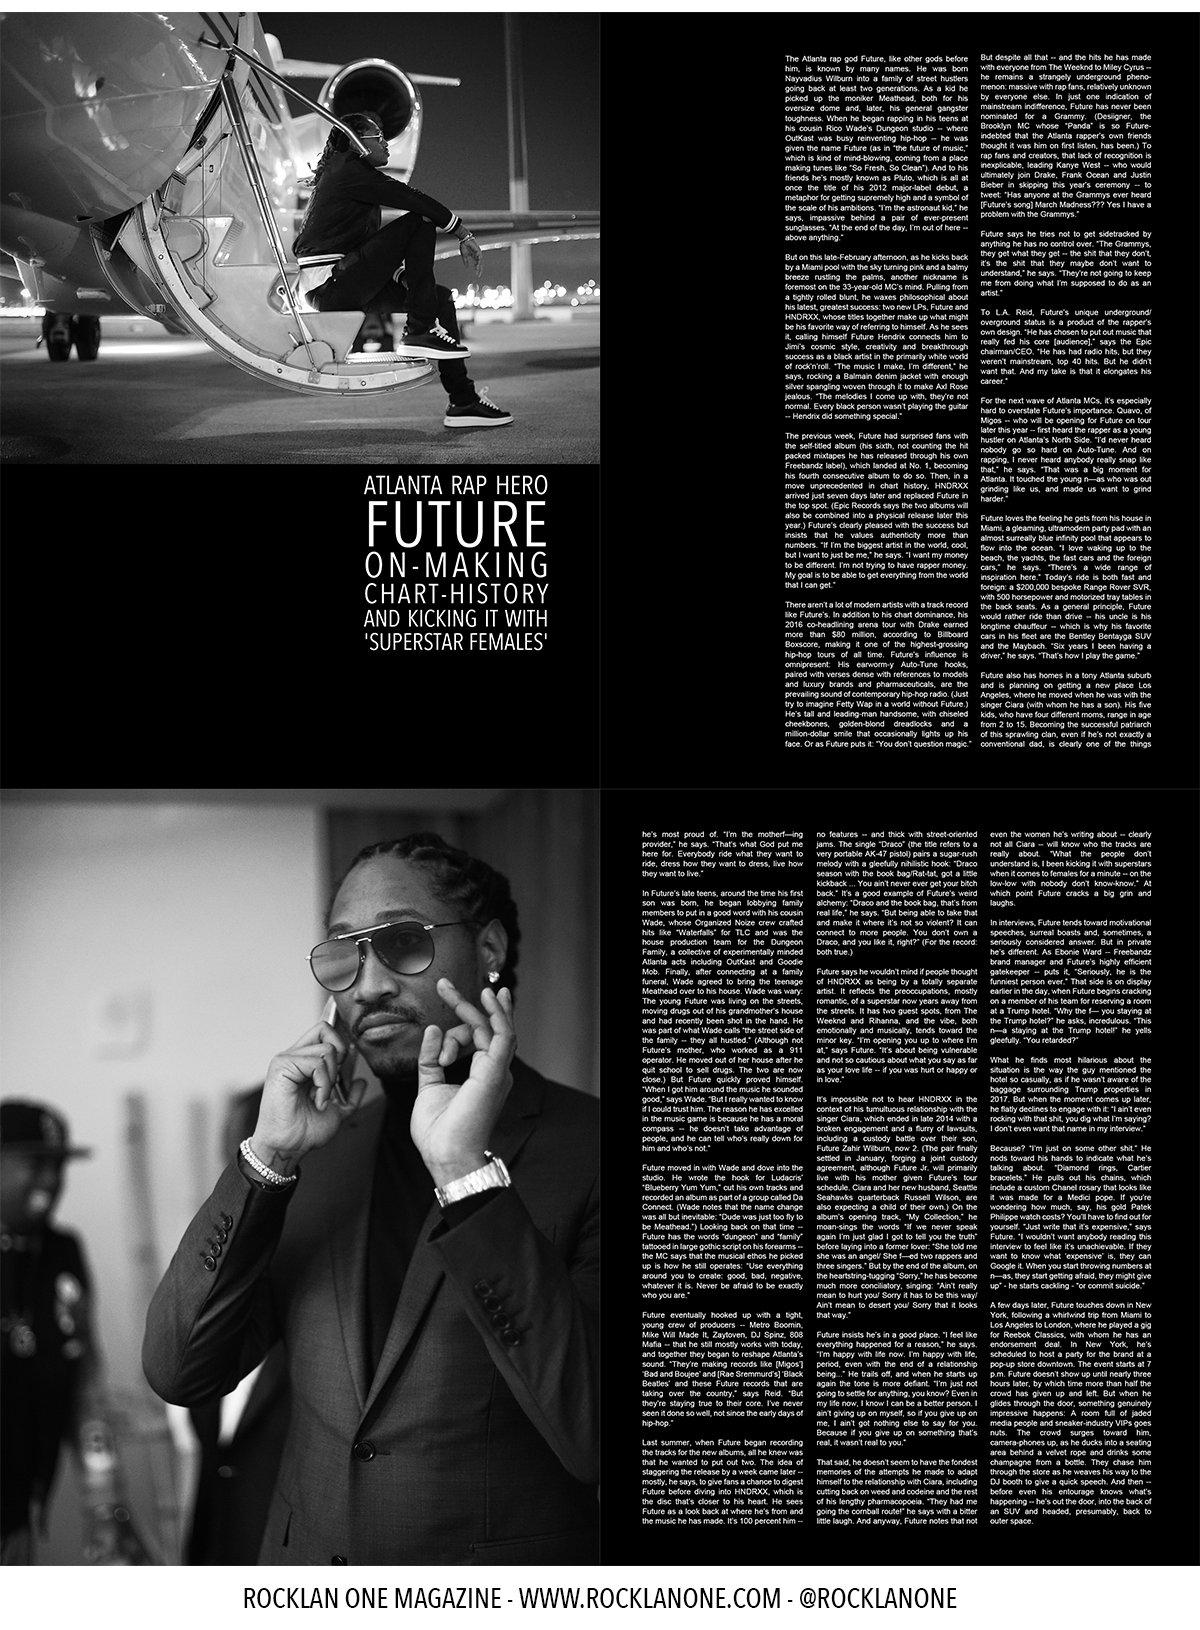 RockLanOne_00-future.jpg